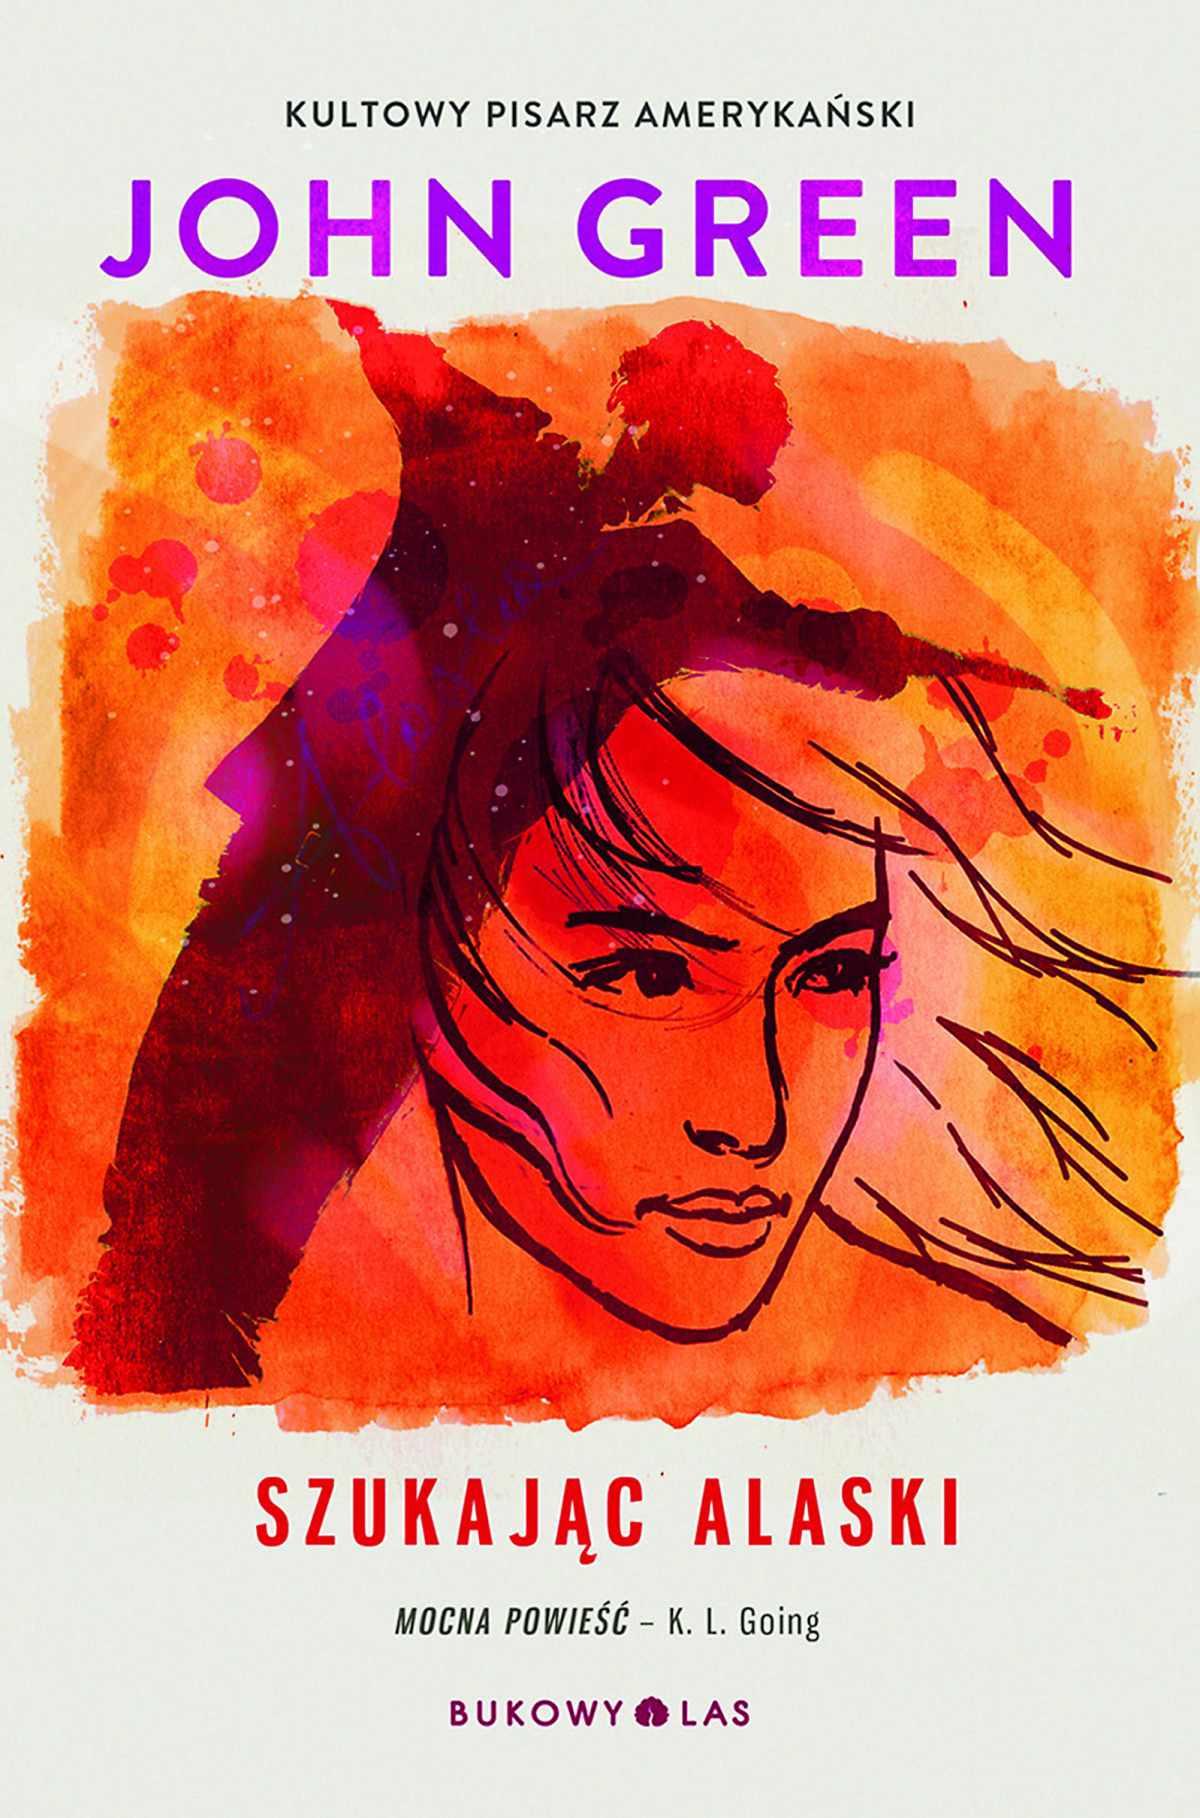 Szukając Alaski - Ebook (Książka na Kindle) do pobrania w formacie MOBI